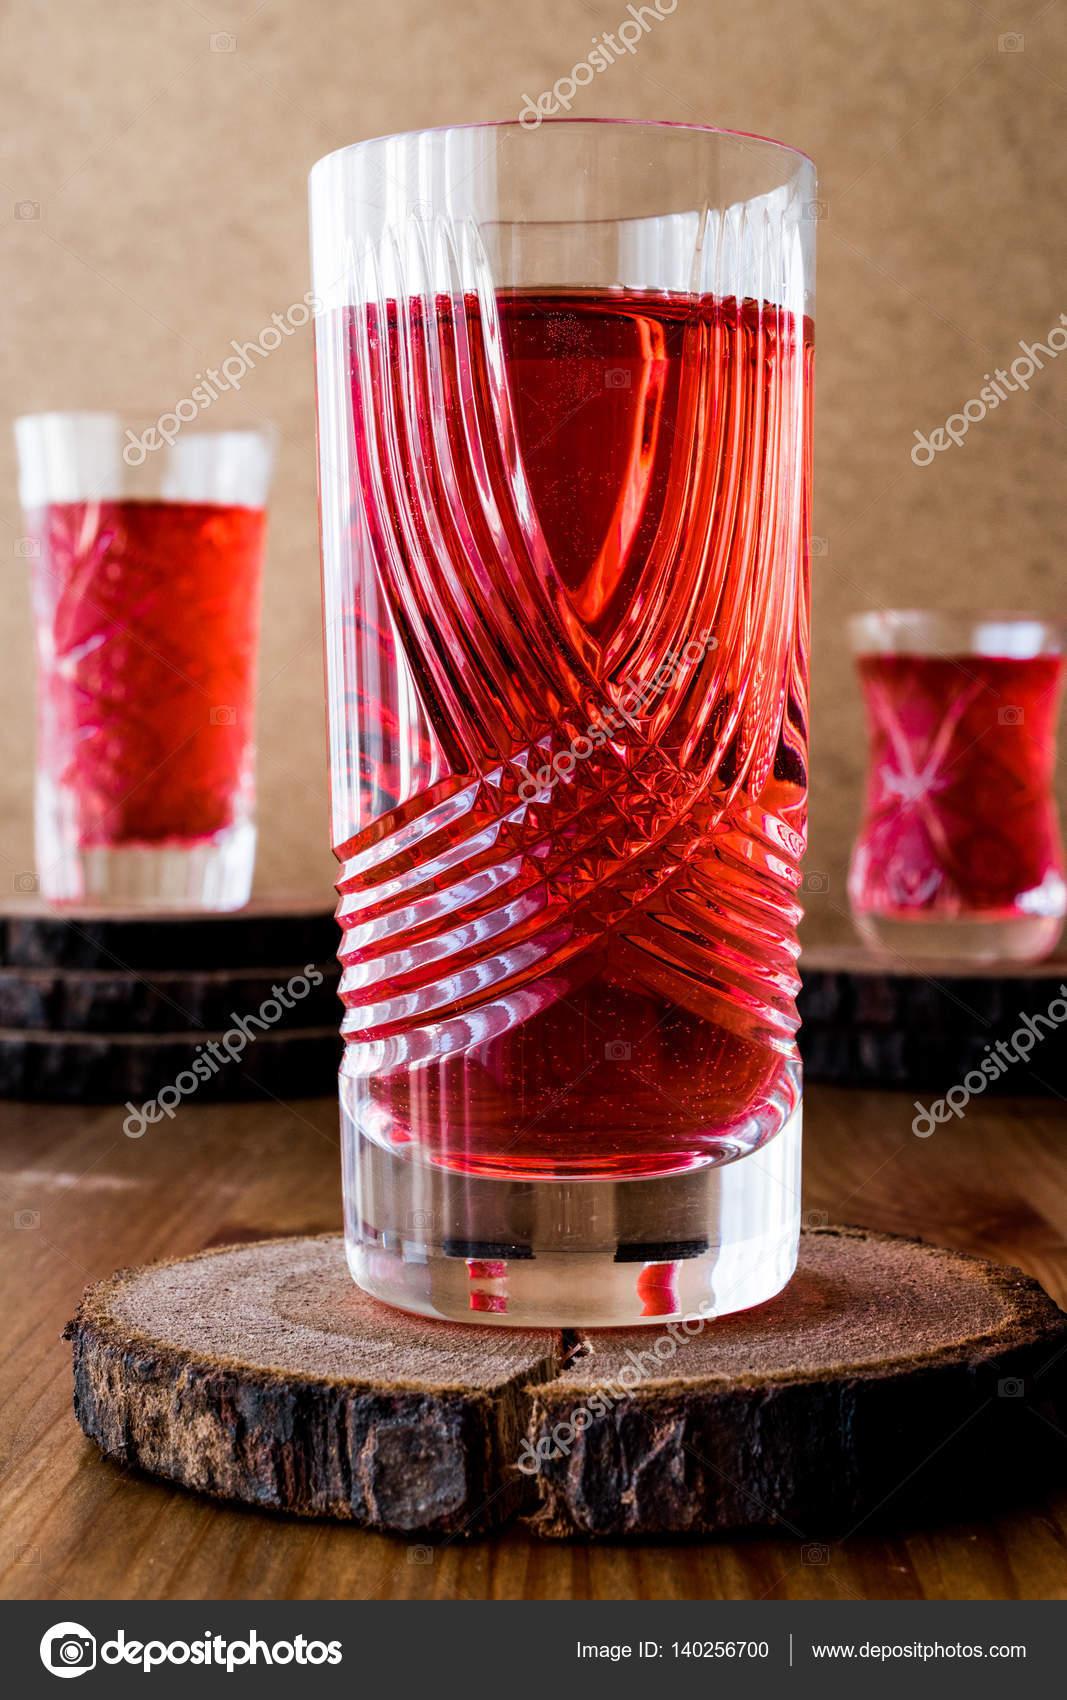 Trkische Osmanische Trinken Rose Sorbet Oder Cranberry Serbet In Berhmte Kristallglas Foto Von Alp Aksoy